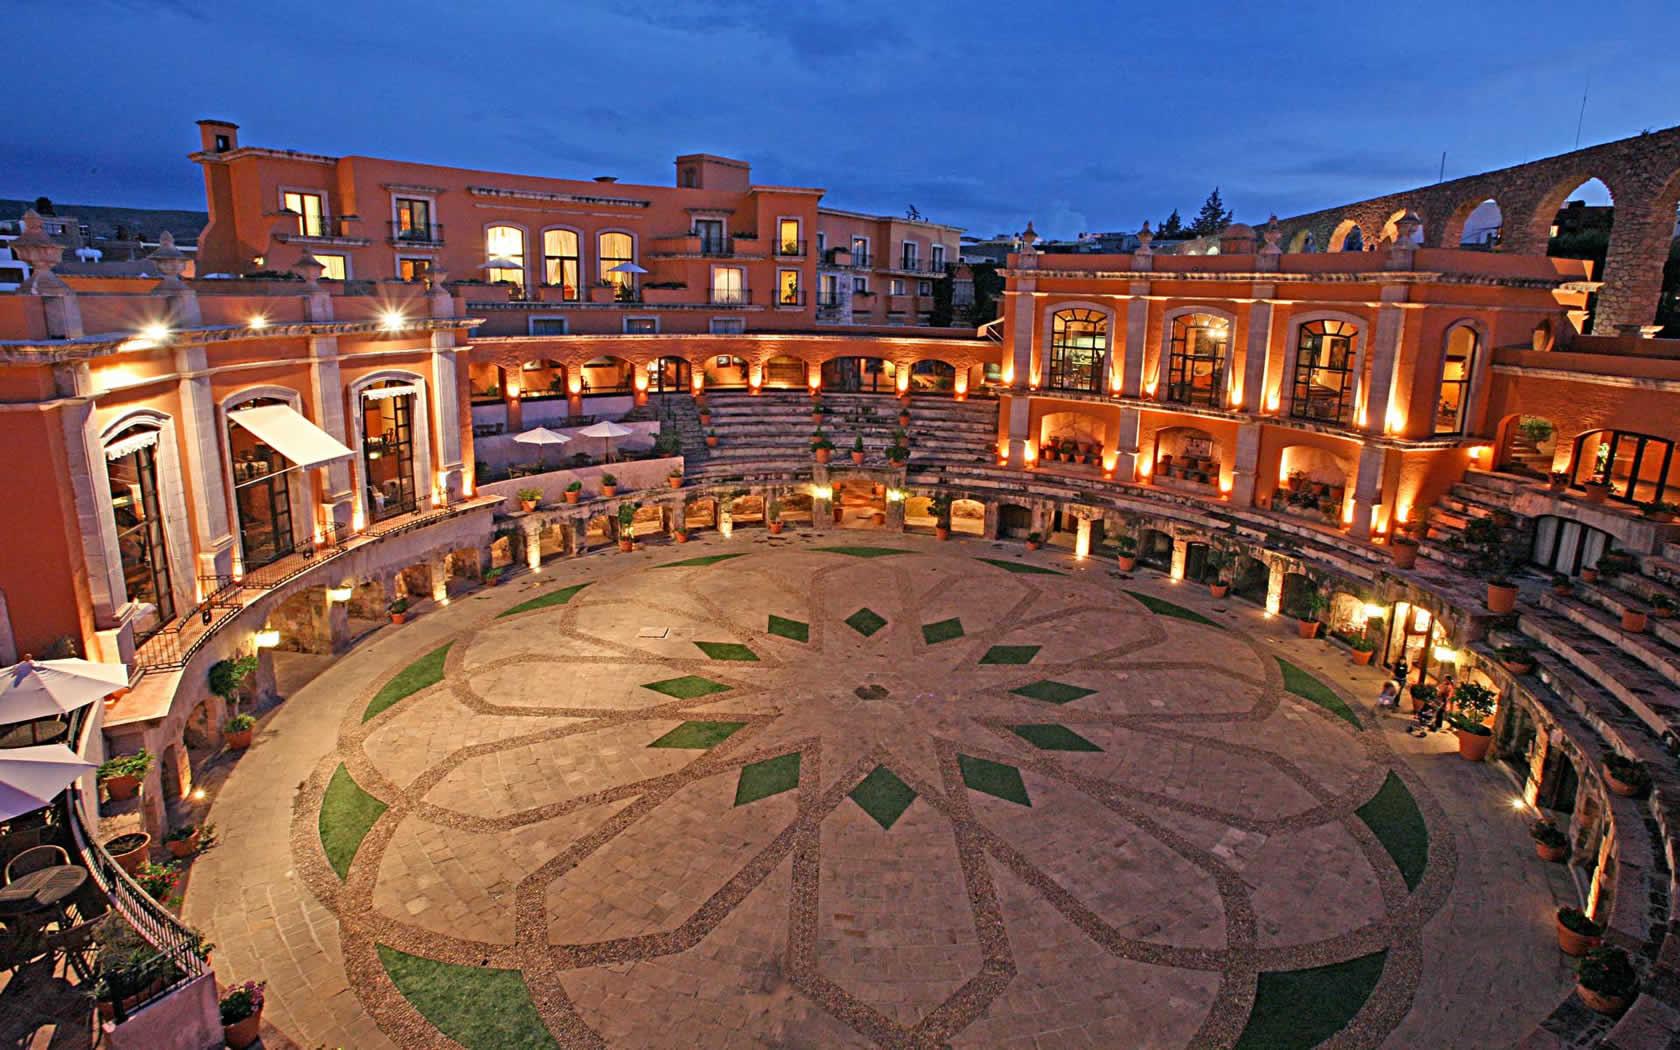 L'hôtel espagnol Plaza de Toros : pour vivre une nuit dans une arène de tauromachie